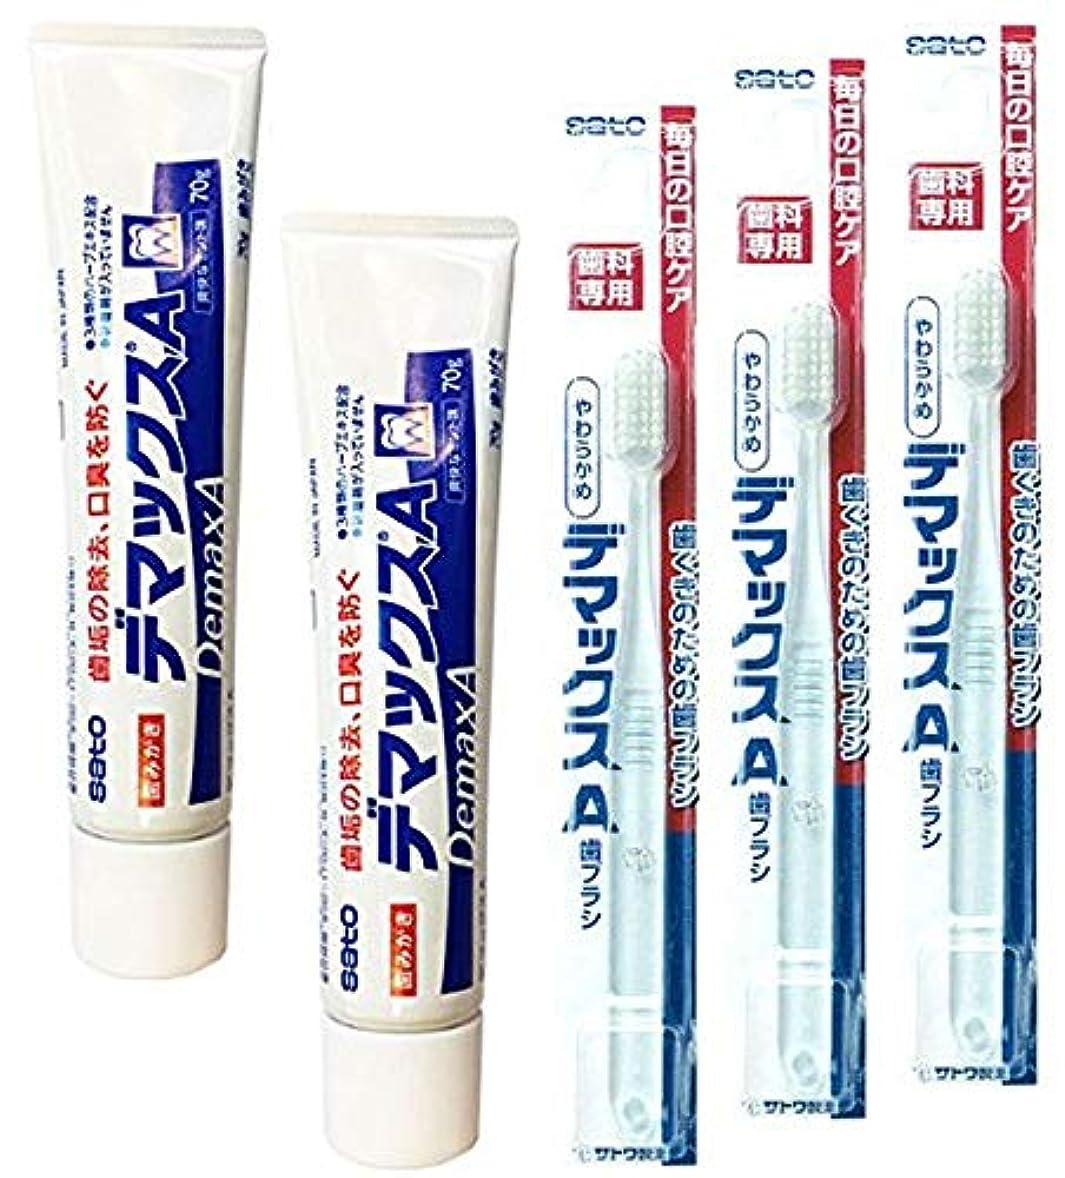 ブレークビスケットダイエット佐藤製薬 デマックスA 歯磨き粉(70g) 2個 + デマックスA 歯ブラシ 3本 セット